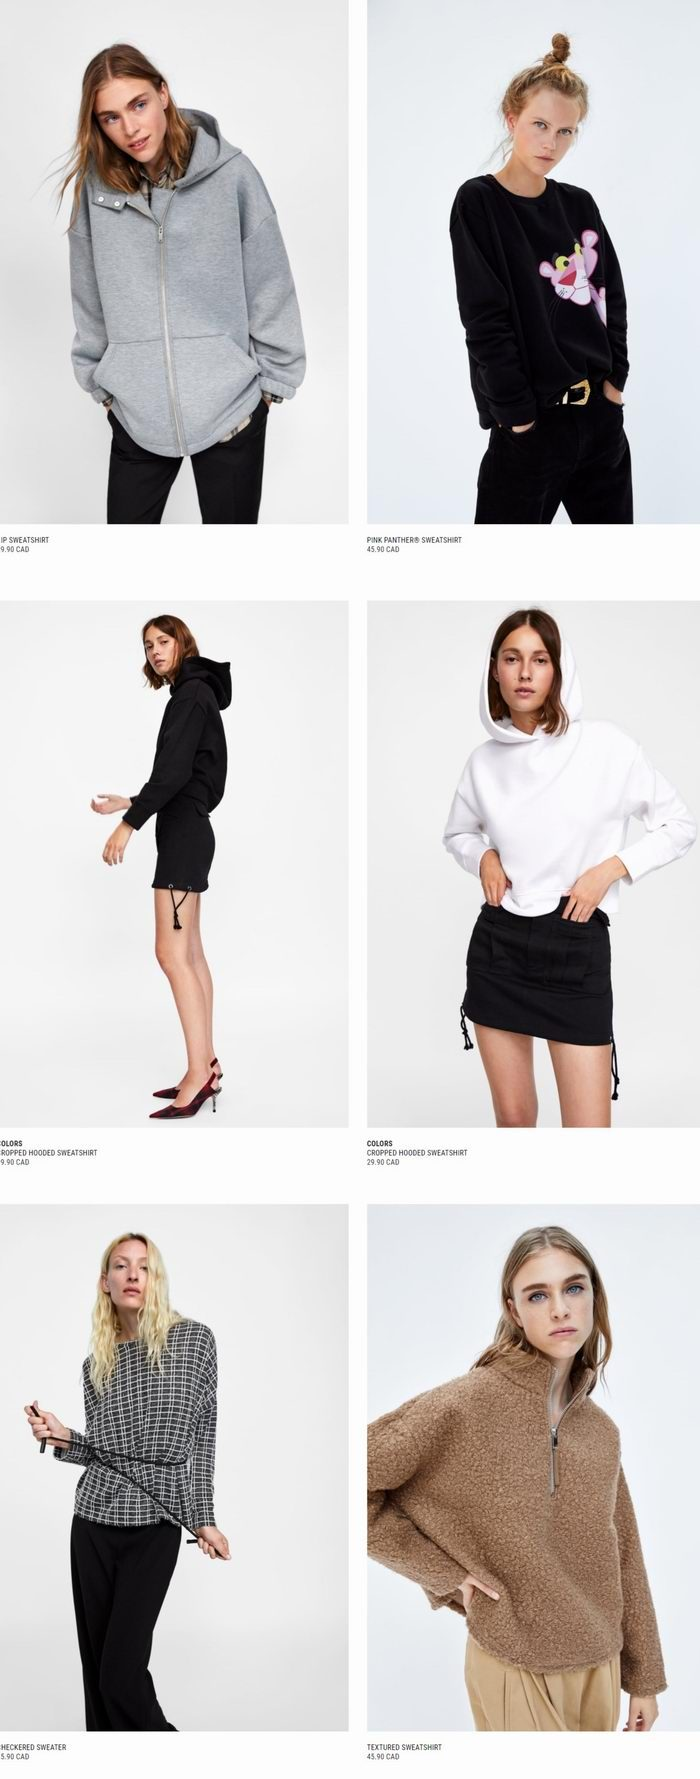 Zara大量新款时尚夹克、毛衣、美包、大衣、美鞋 29.99加元起特卖!